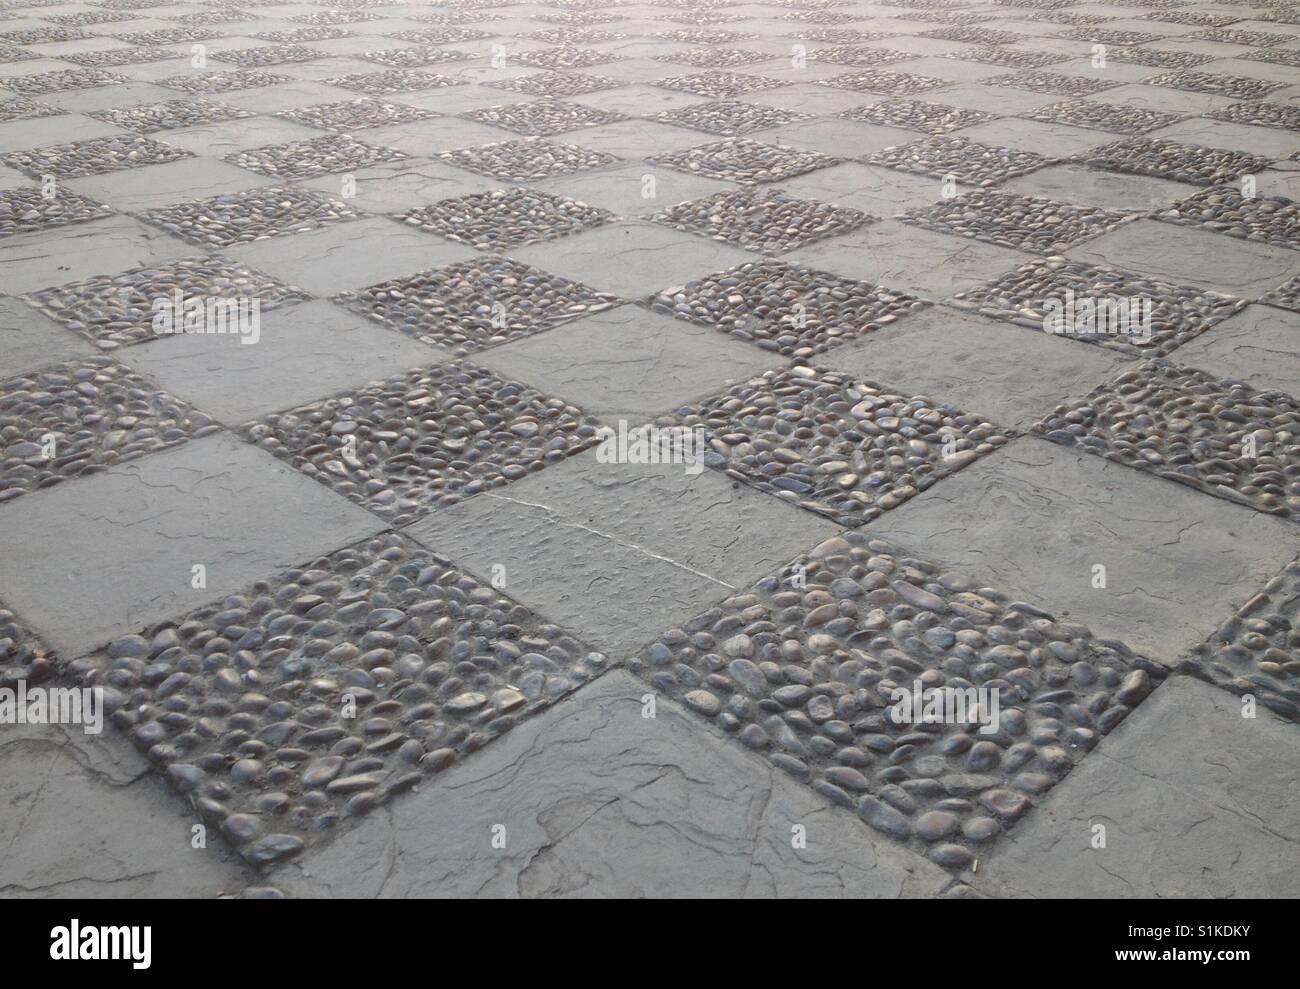 A public plaza in Seville, Spain (landscape orientation). Taken by Matthew Oakes. - Stock Image